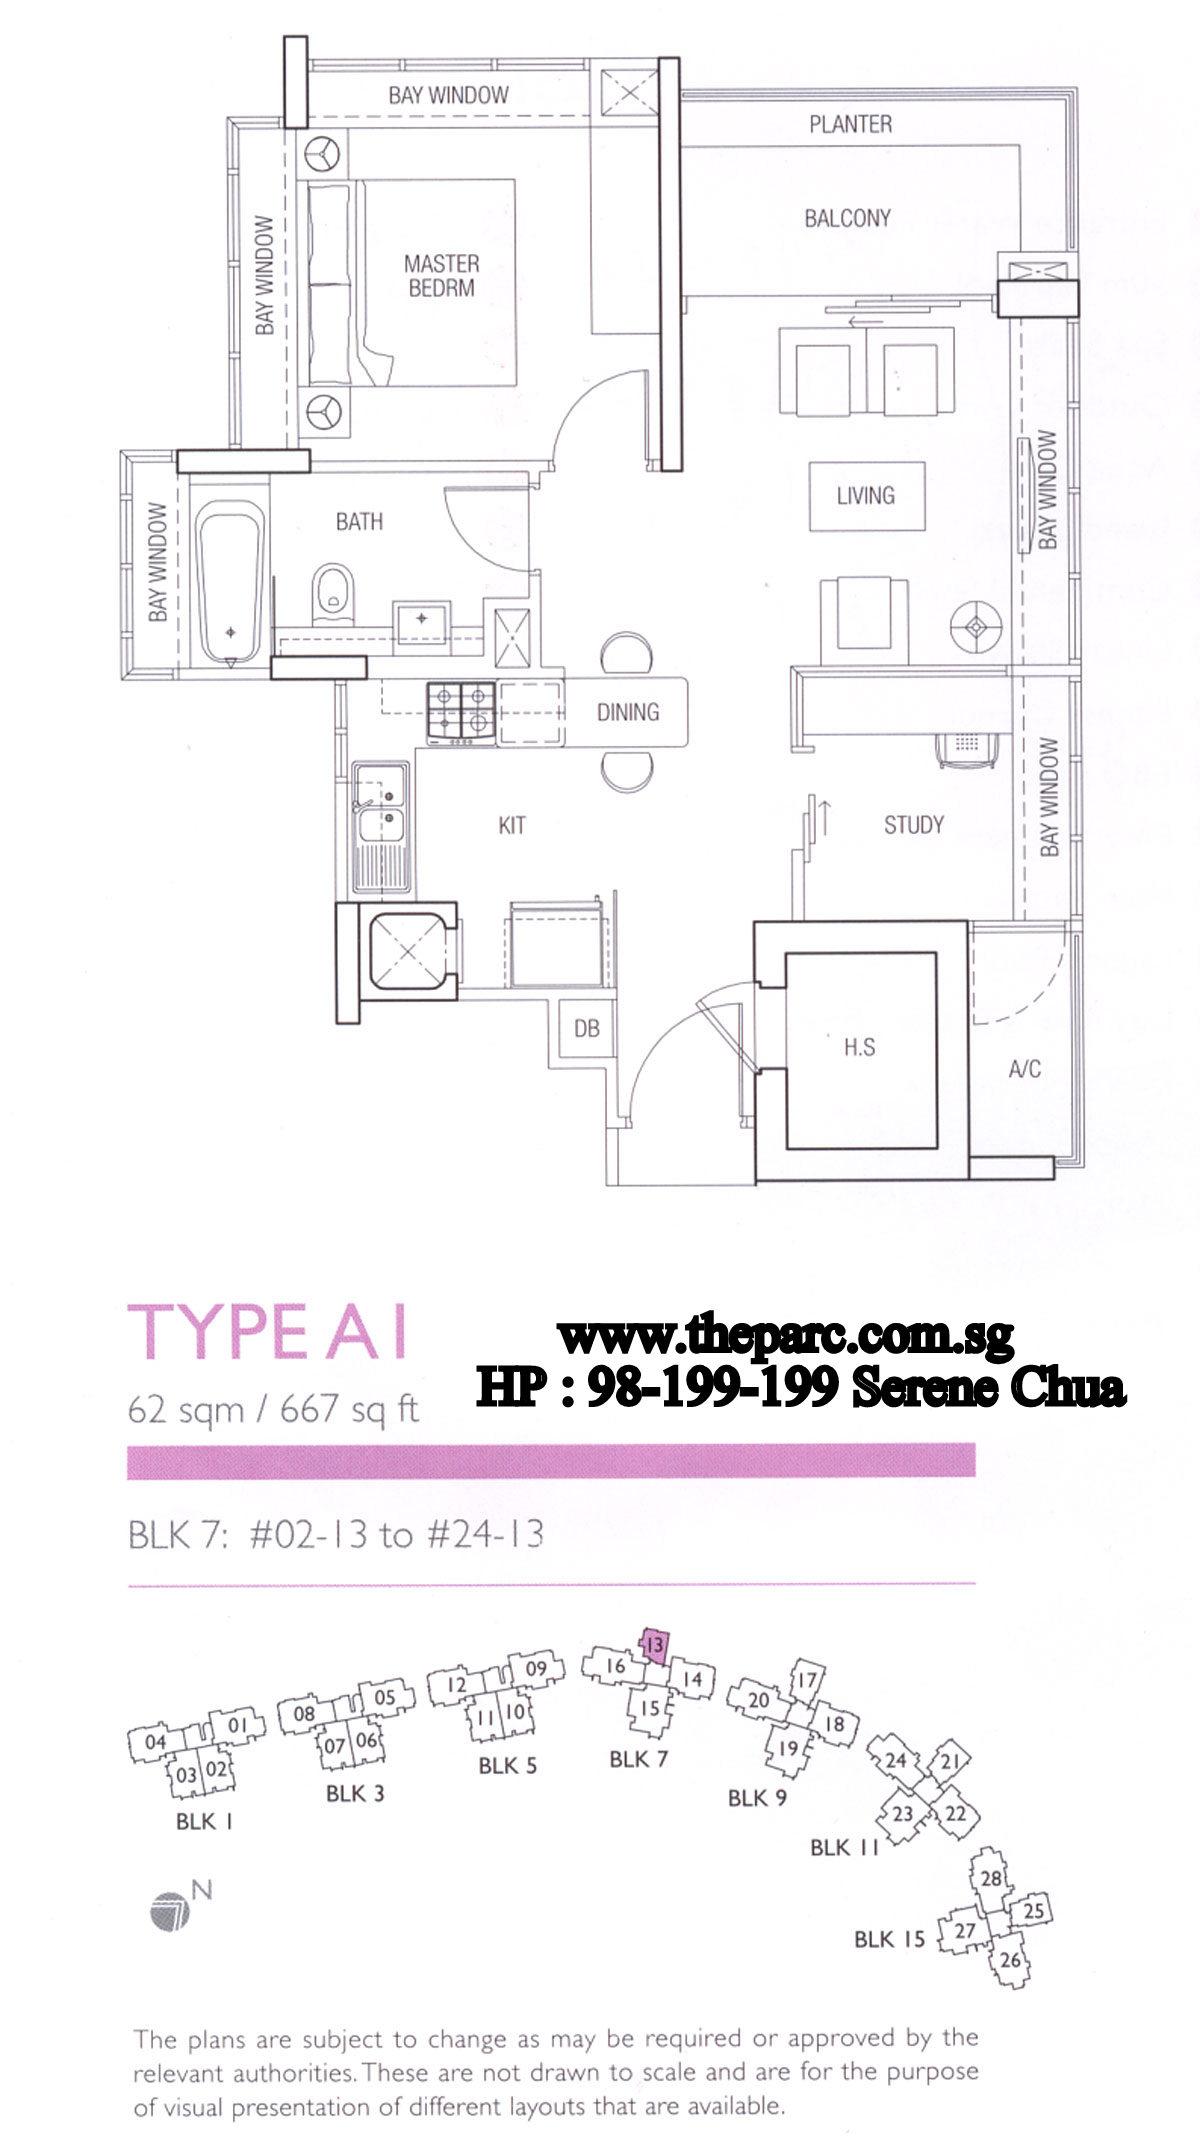 typeA1